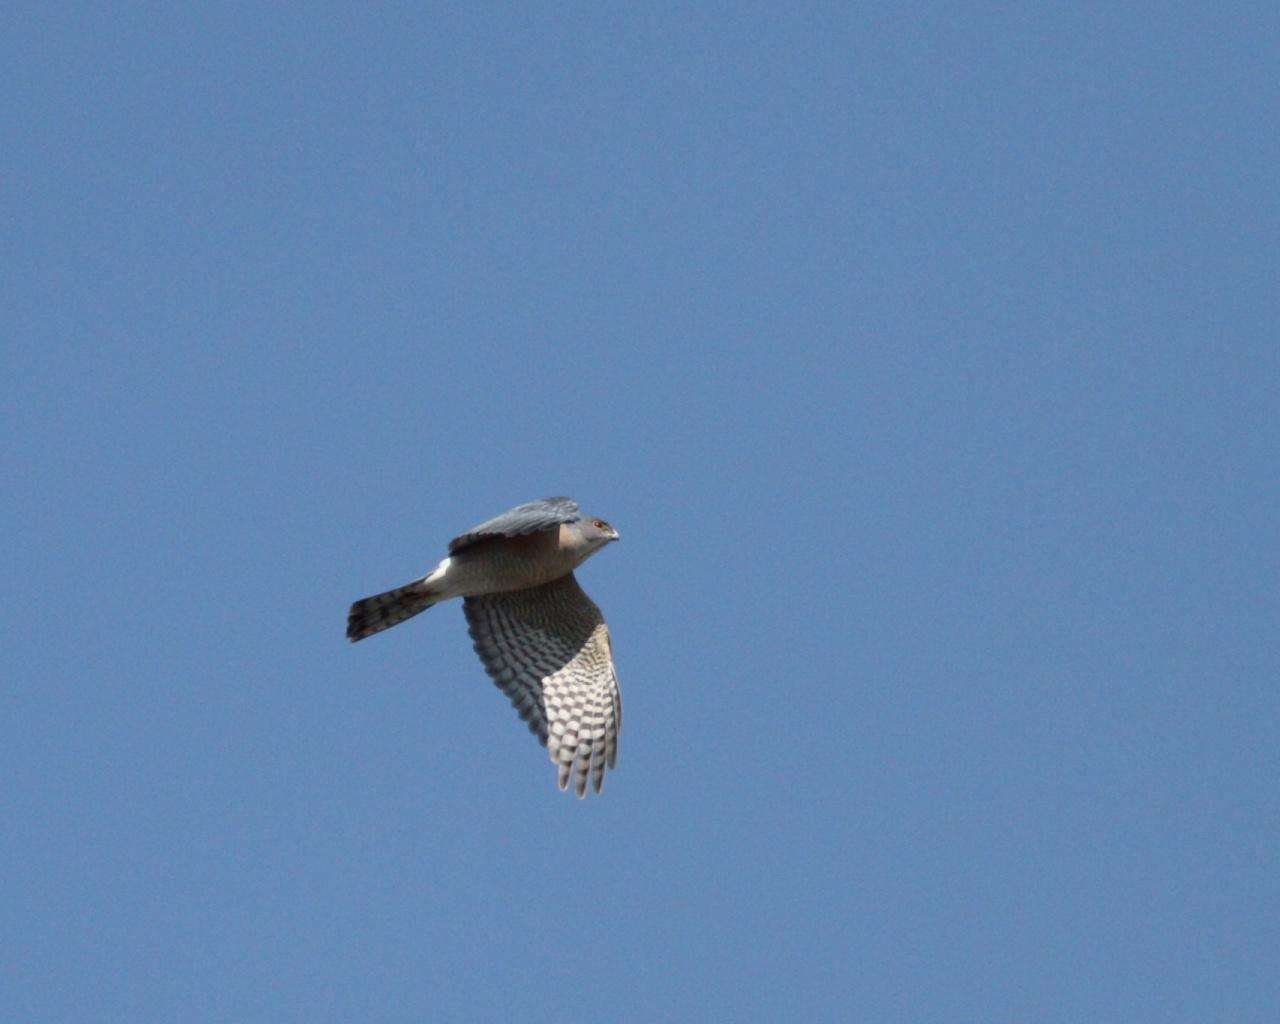 伊良湖で逢えそうな猛禽達_f0105570_223848.jpg